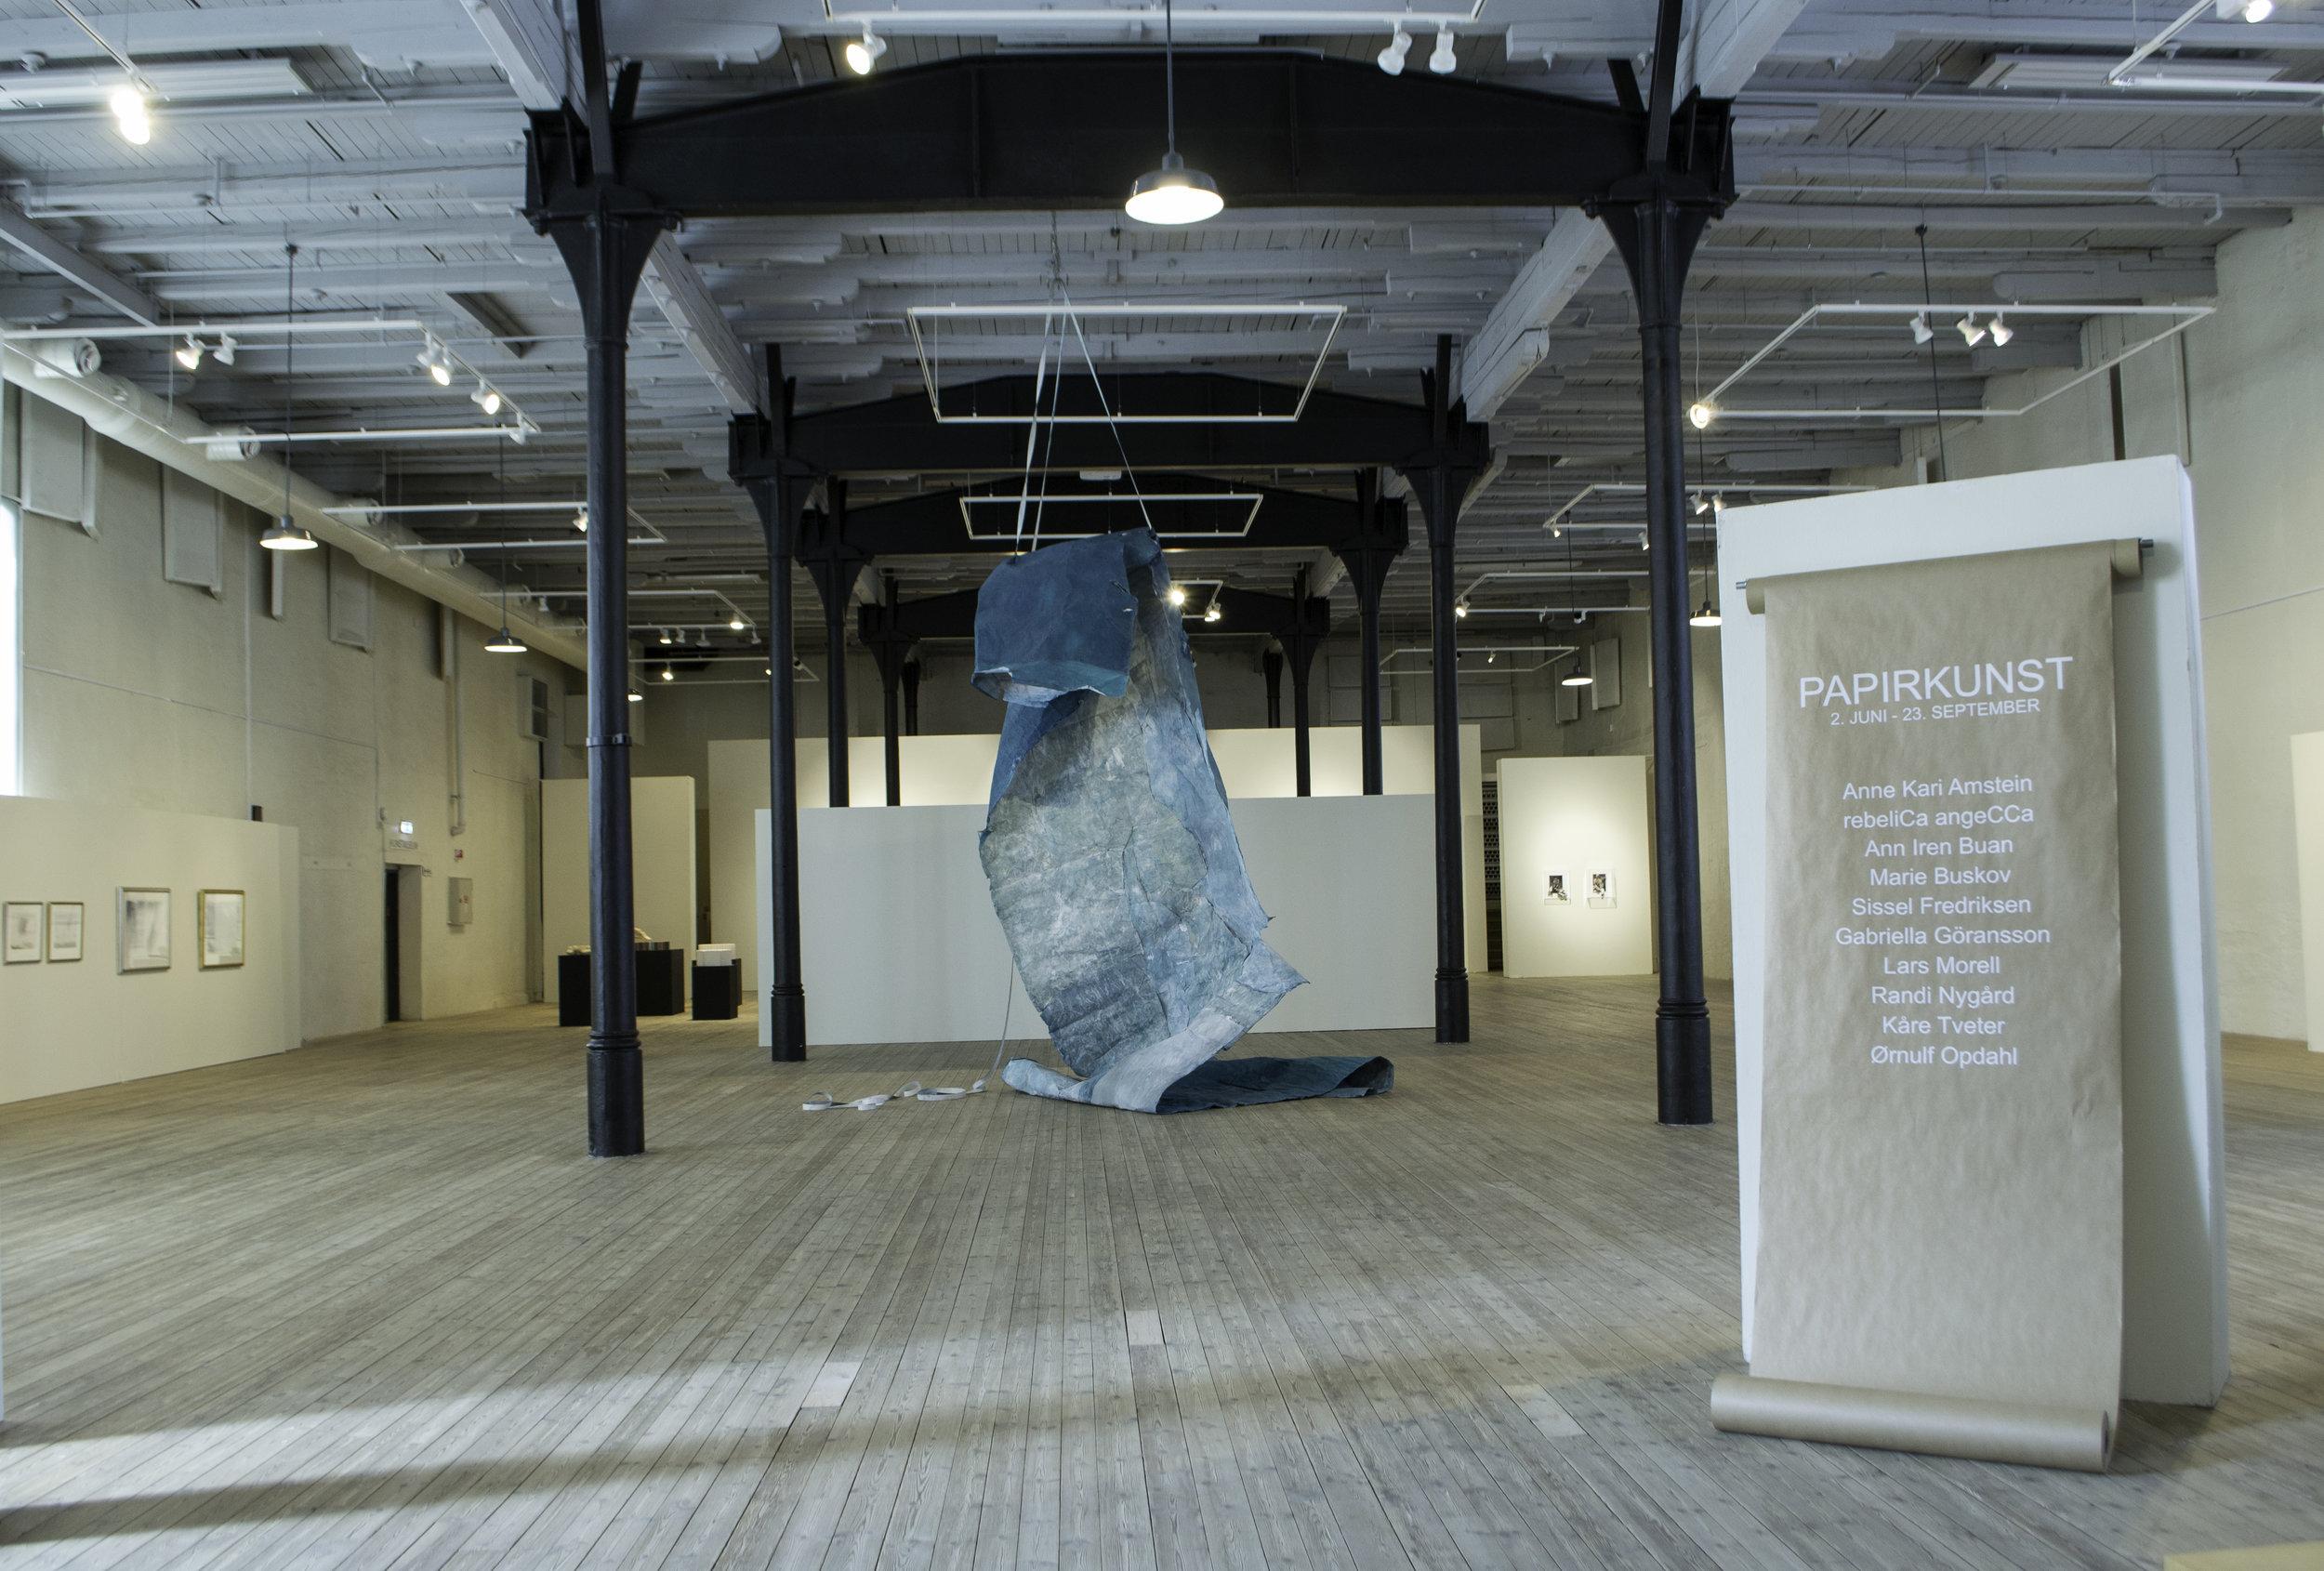 Inngangen til utstillingen Papirkunst, med Ann Iren Buans  A pull of the sun  i midten. Foto: Susanne Grina Lange, NIA